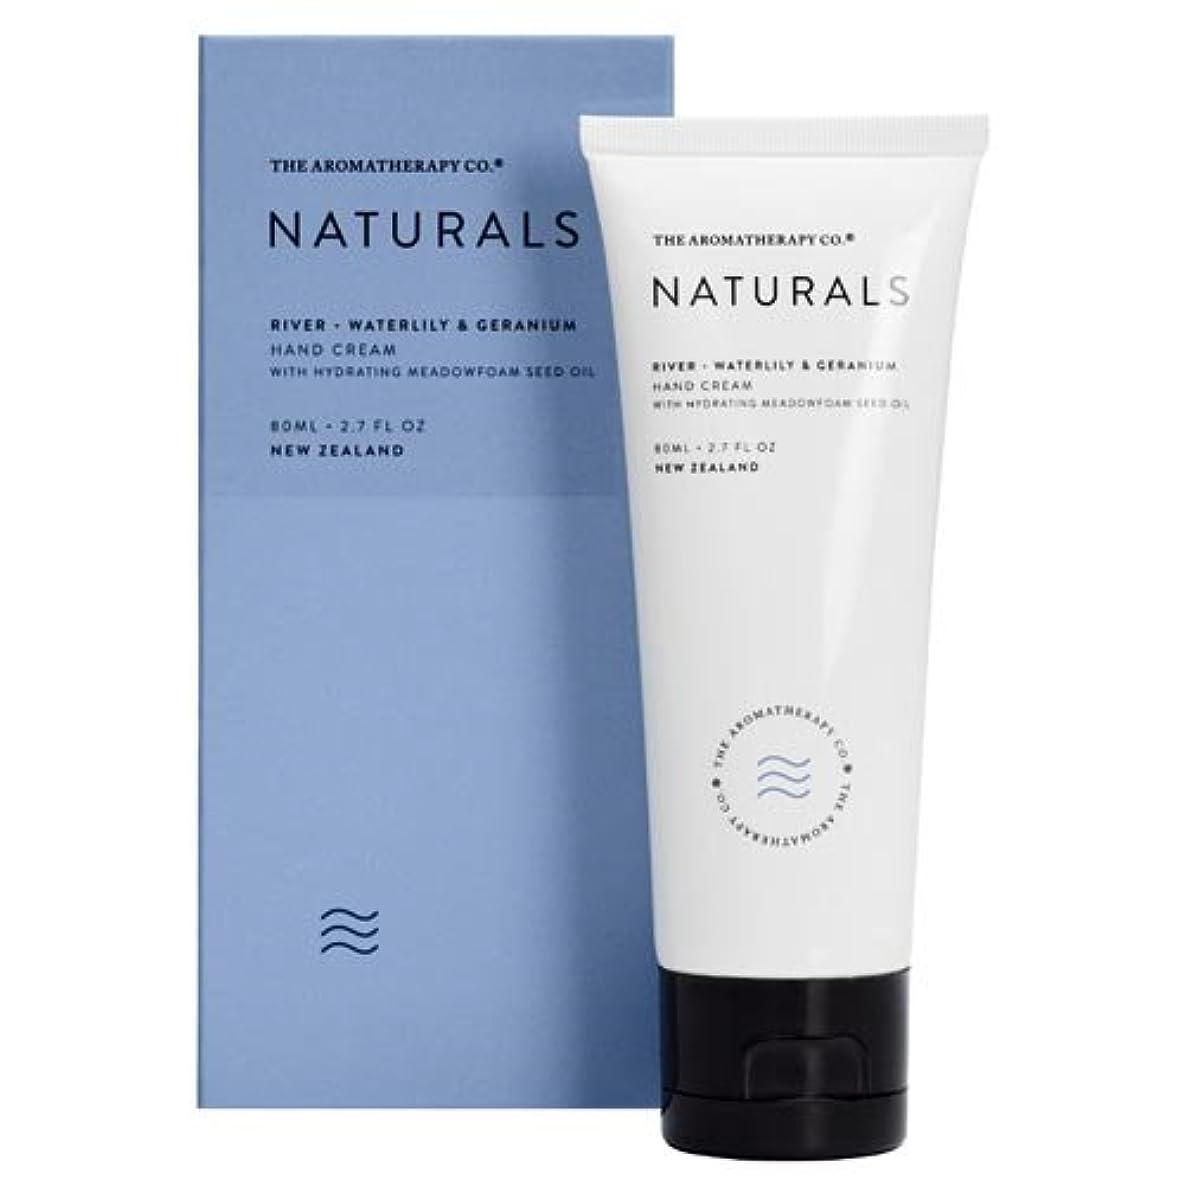 のみ陰謀グレードnew NATURALS ナチュラルズ Hand Cream ハンドクリーム River リバー(川)Waterlily & Geranium ウォーターリリー&ゼラニウム